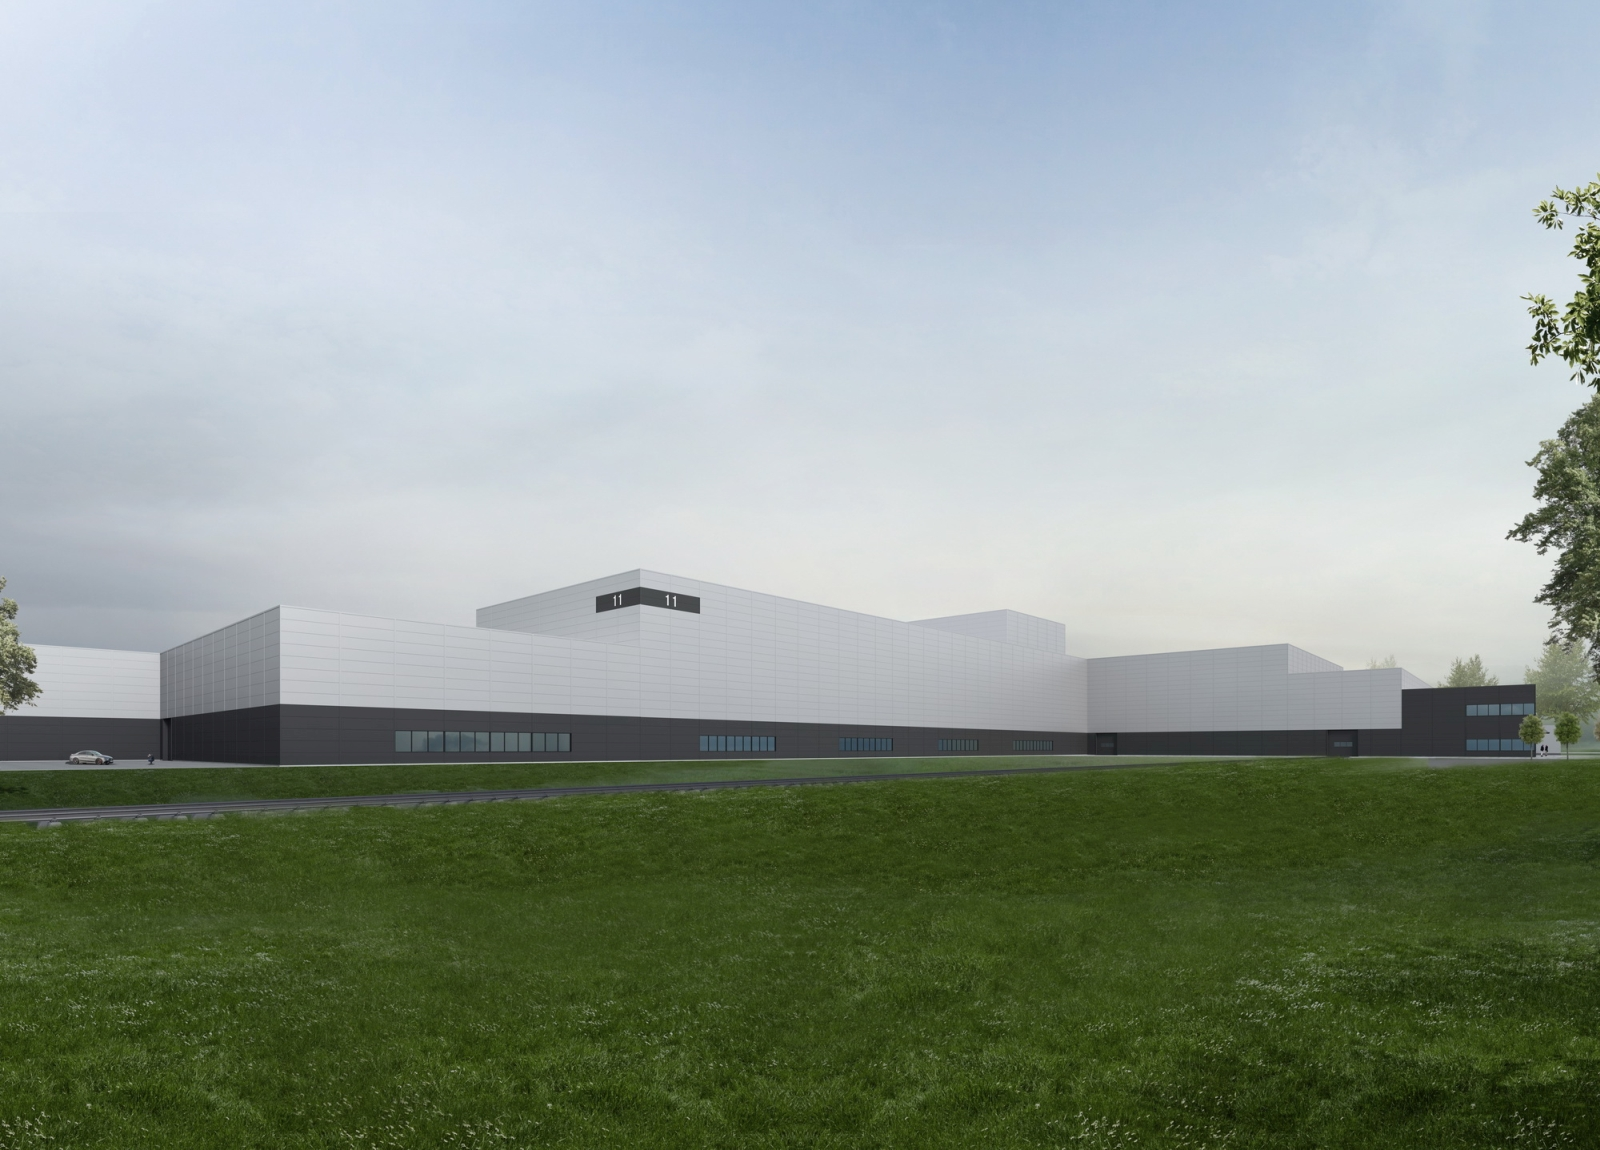 20200313_MercedesBenz Kecskemet uj presuzem latvanyterv